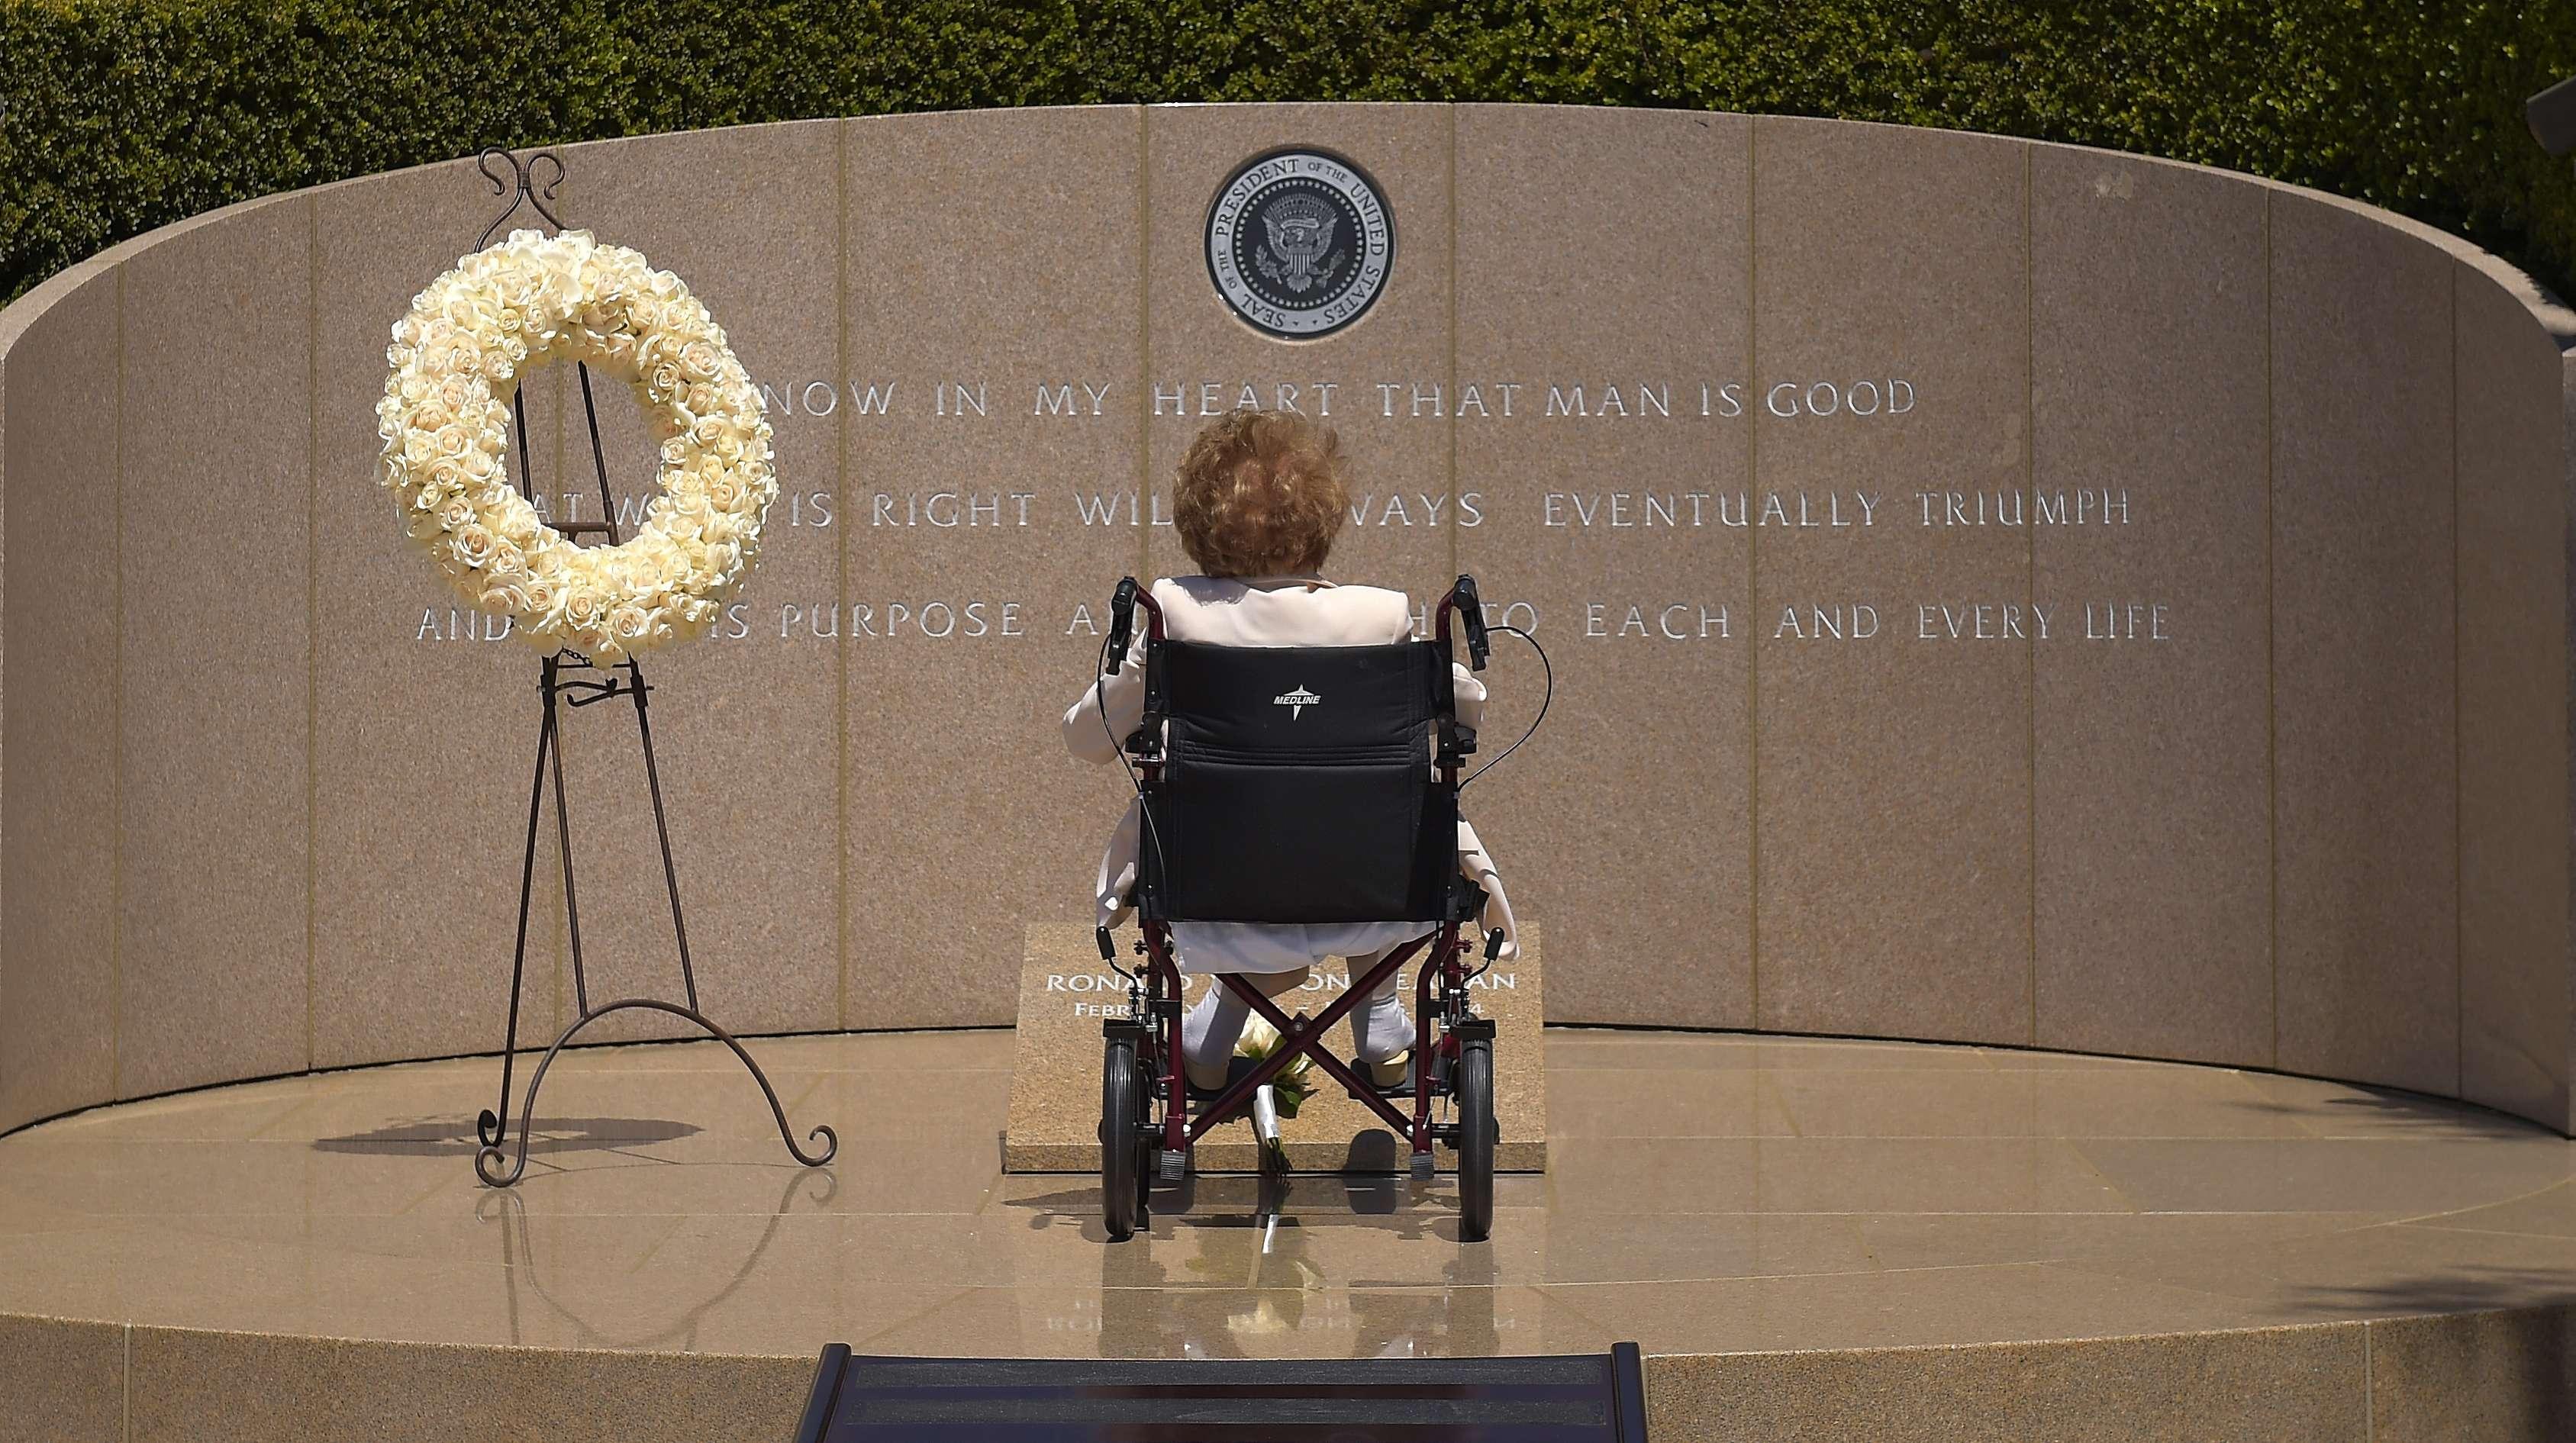 Jueves 05 de junio.- La exprimera dama de Estados Unidos Nancy Reagan visita la tumba de su marido, el presidente Ronald Reagan, en la Biblioteca Presidencial Ronald Reagan, en Simi Valley, California, en su décimo aniversario luctuoso. Foto: AP